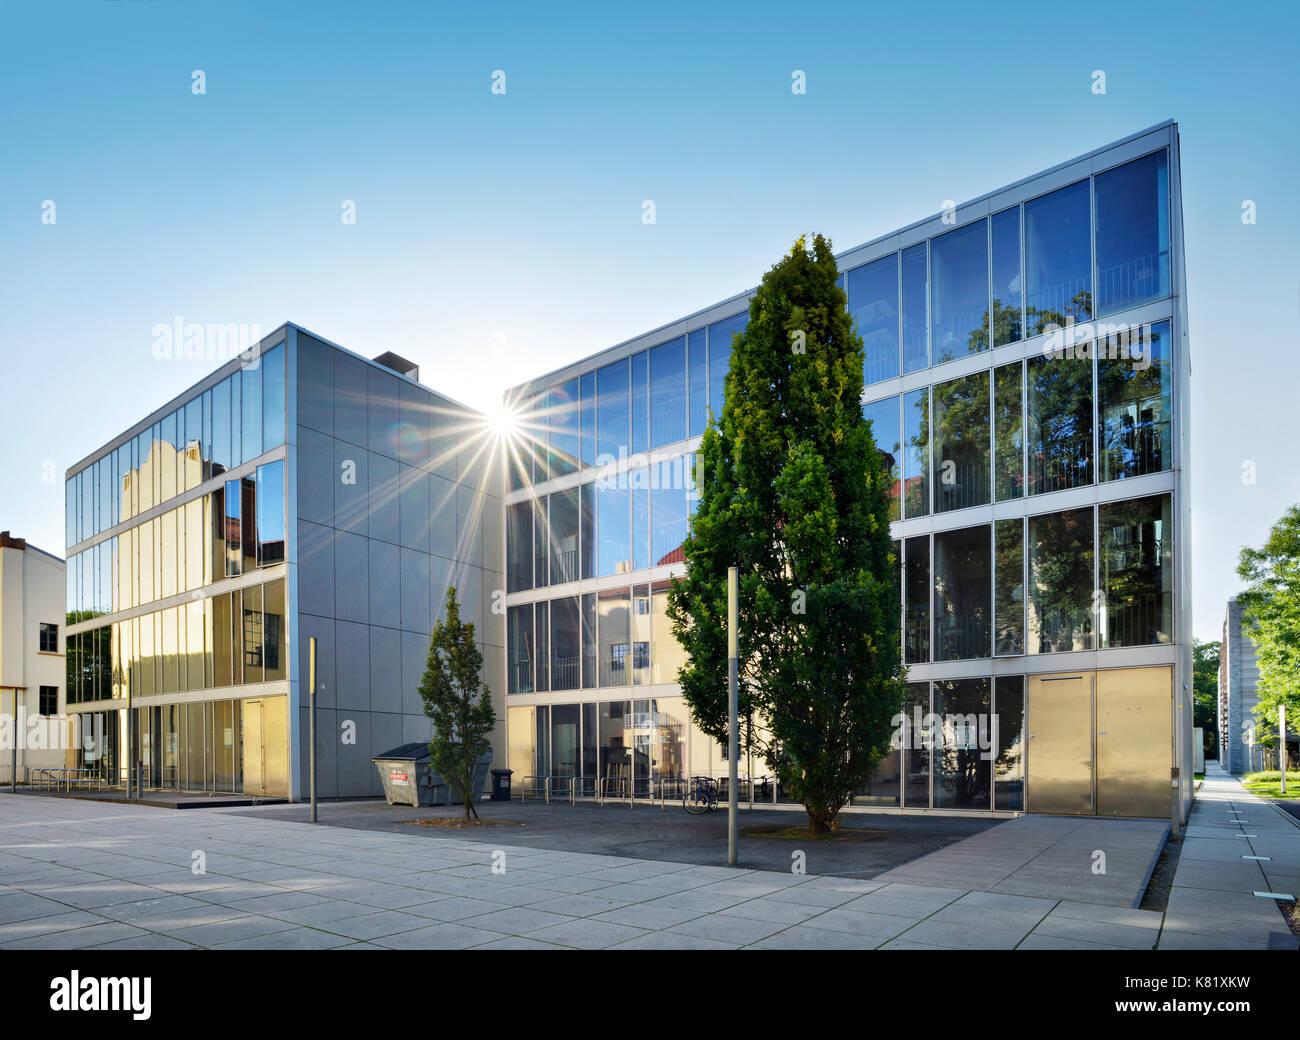 L'université Bauhaus de Weimar, verre, rayons, Weimar, Thuringe, Allemagne Banque D'Images